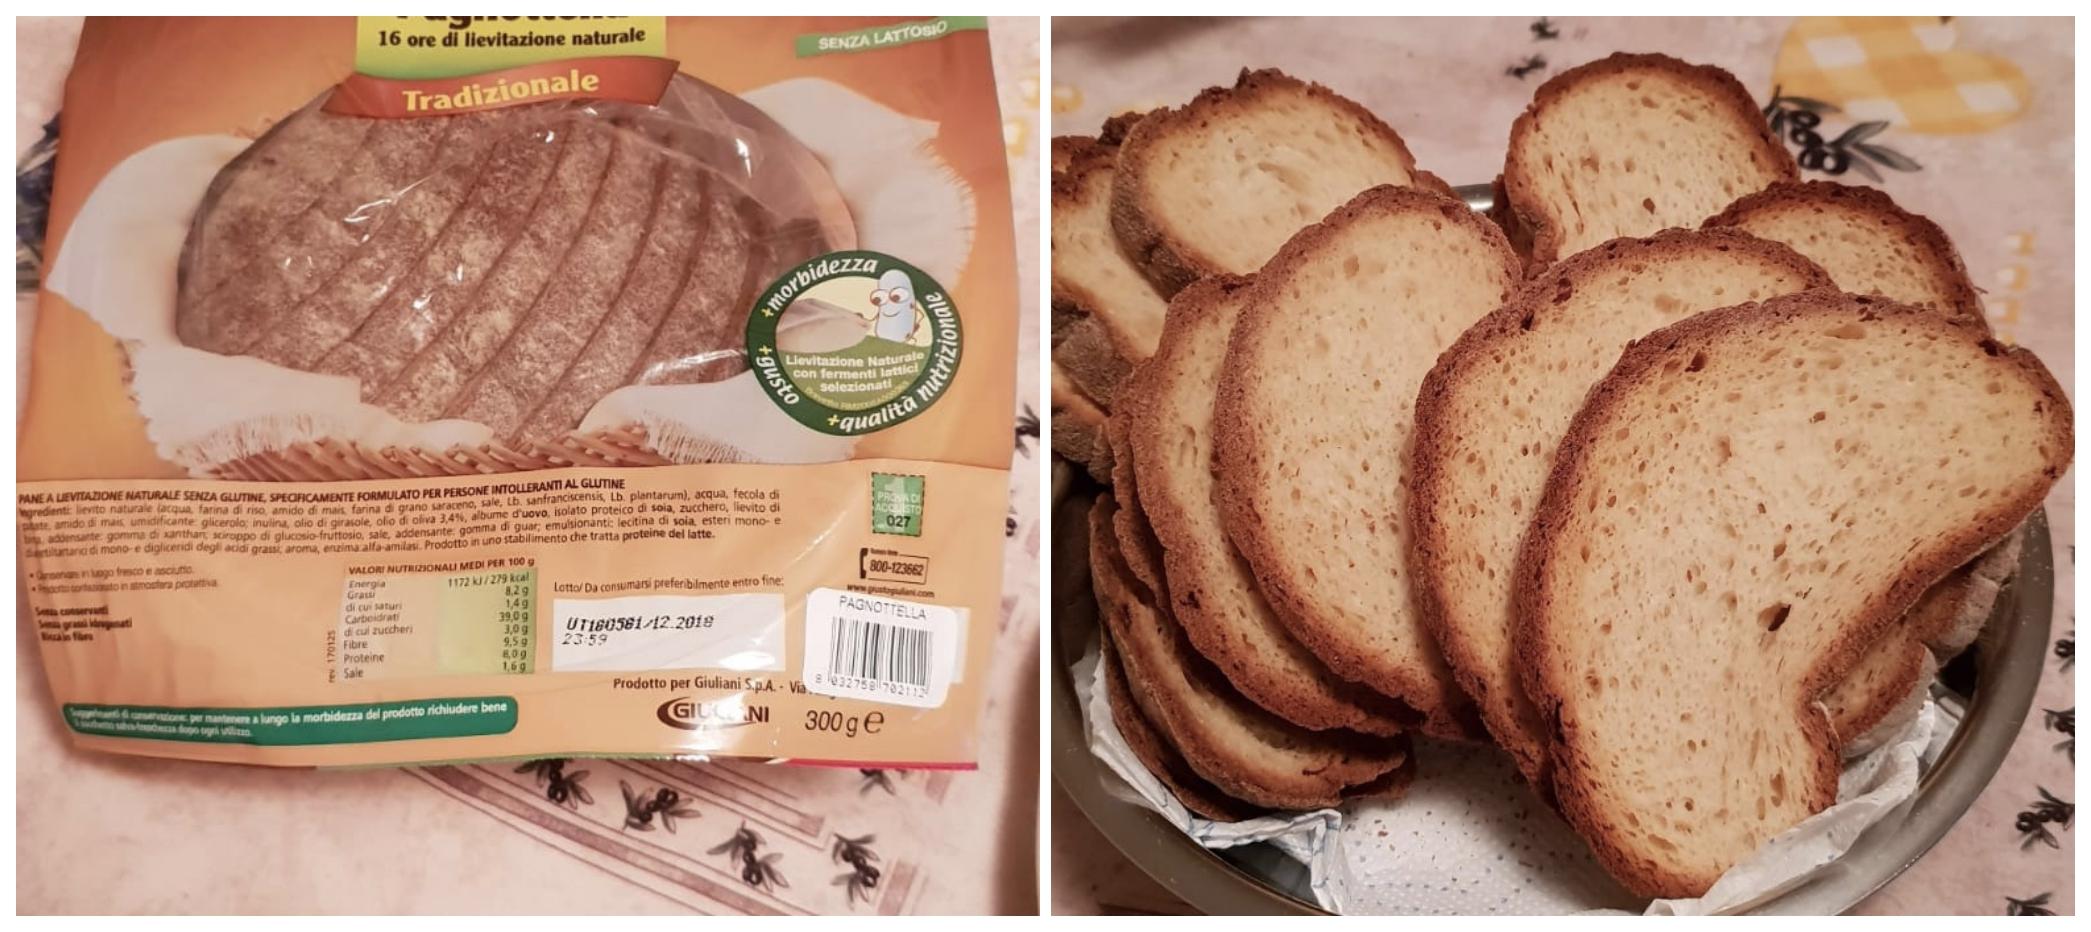 Intolleranza al glutine cosa mangiare - Pagnotta tradizionale Giusto® Giuliani